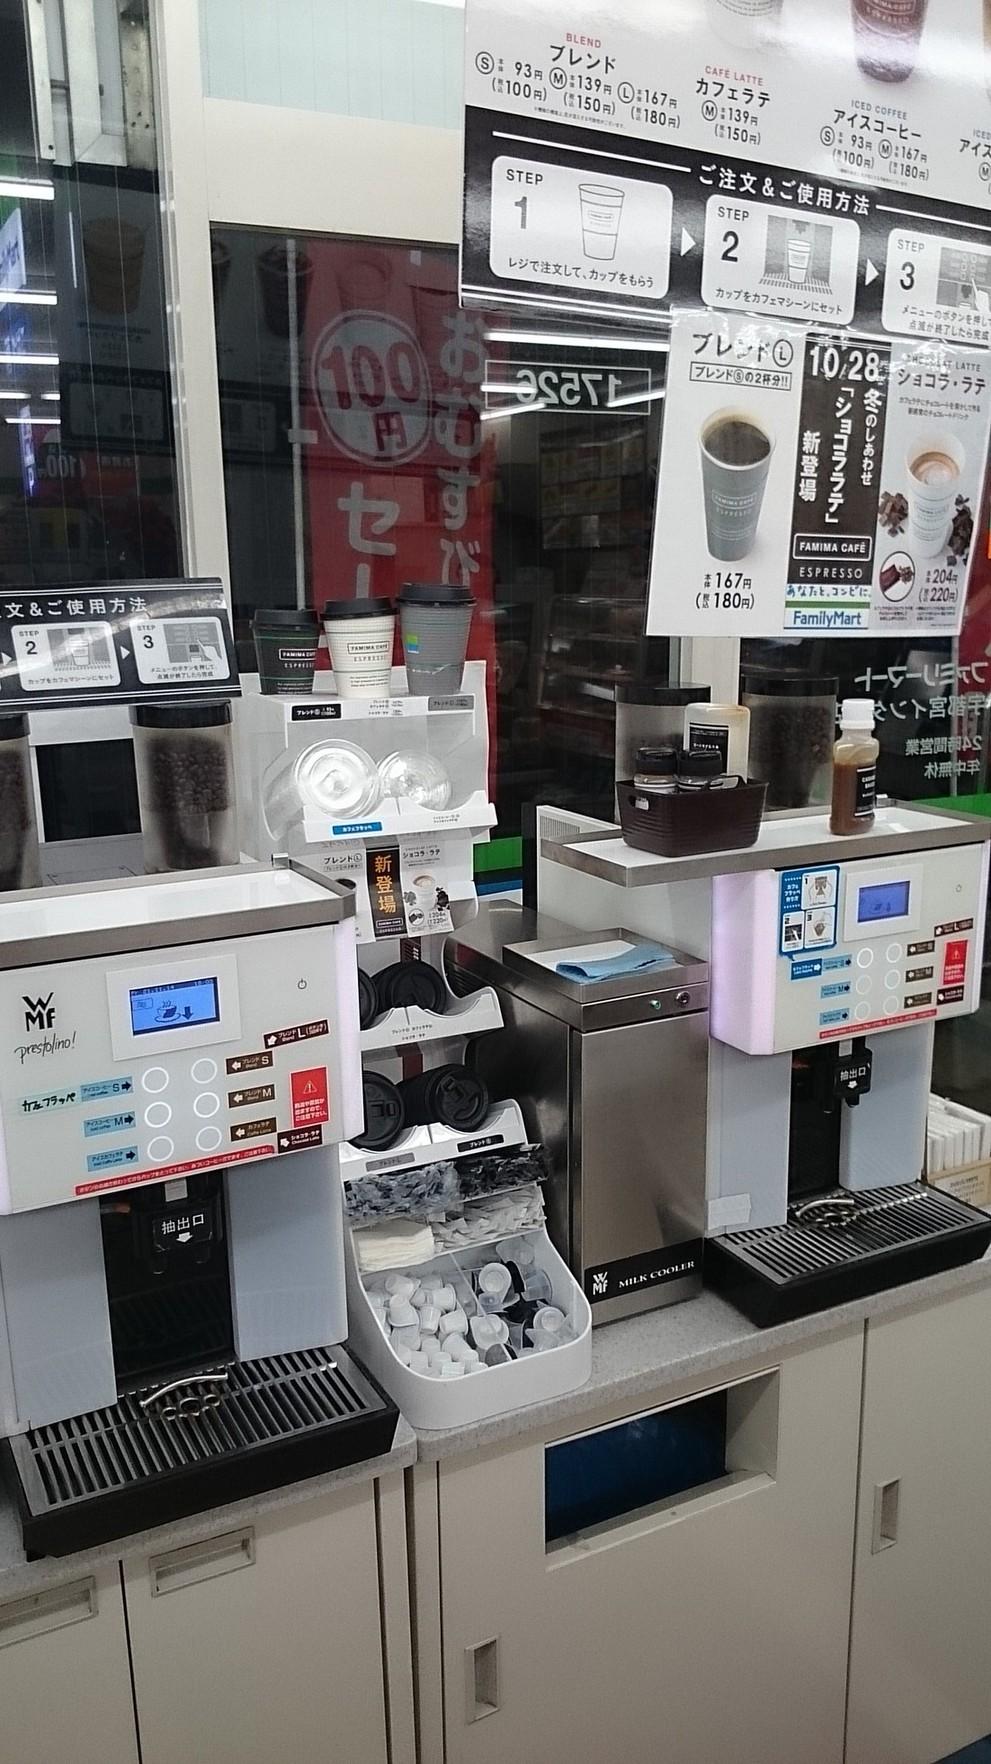 ファミリーマート 宇都宮インター店 name=